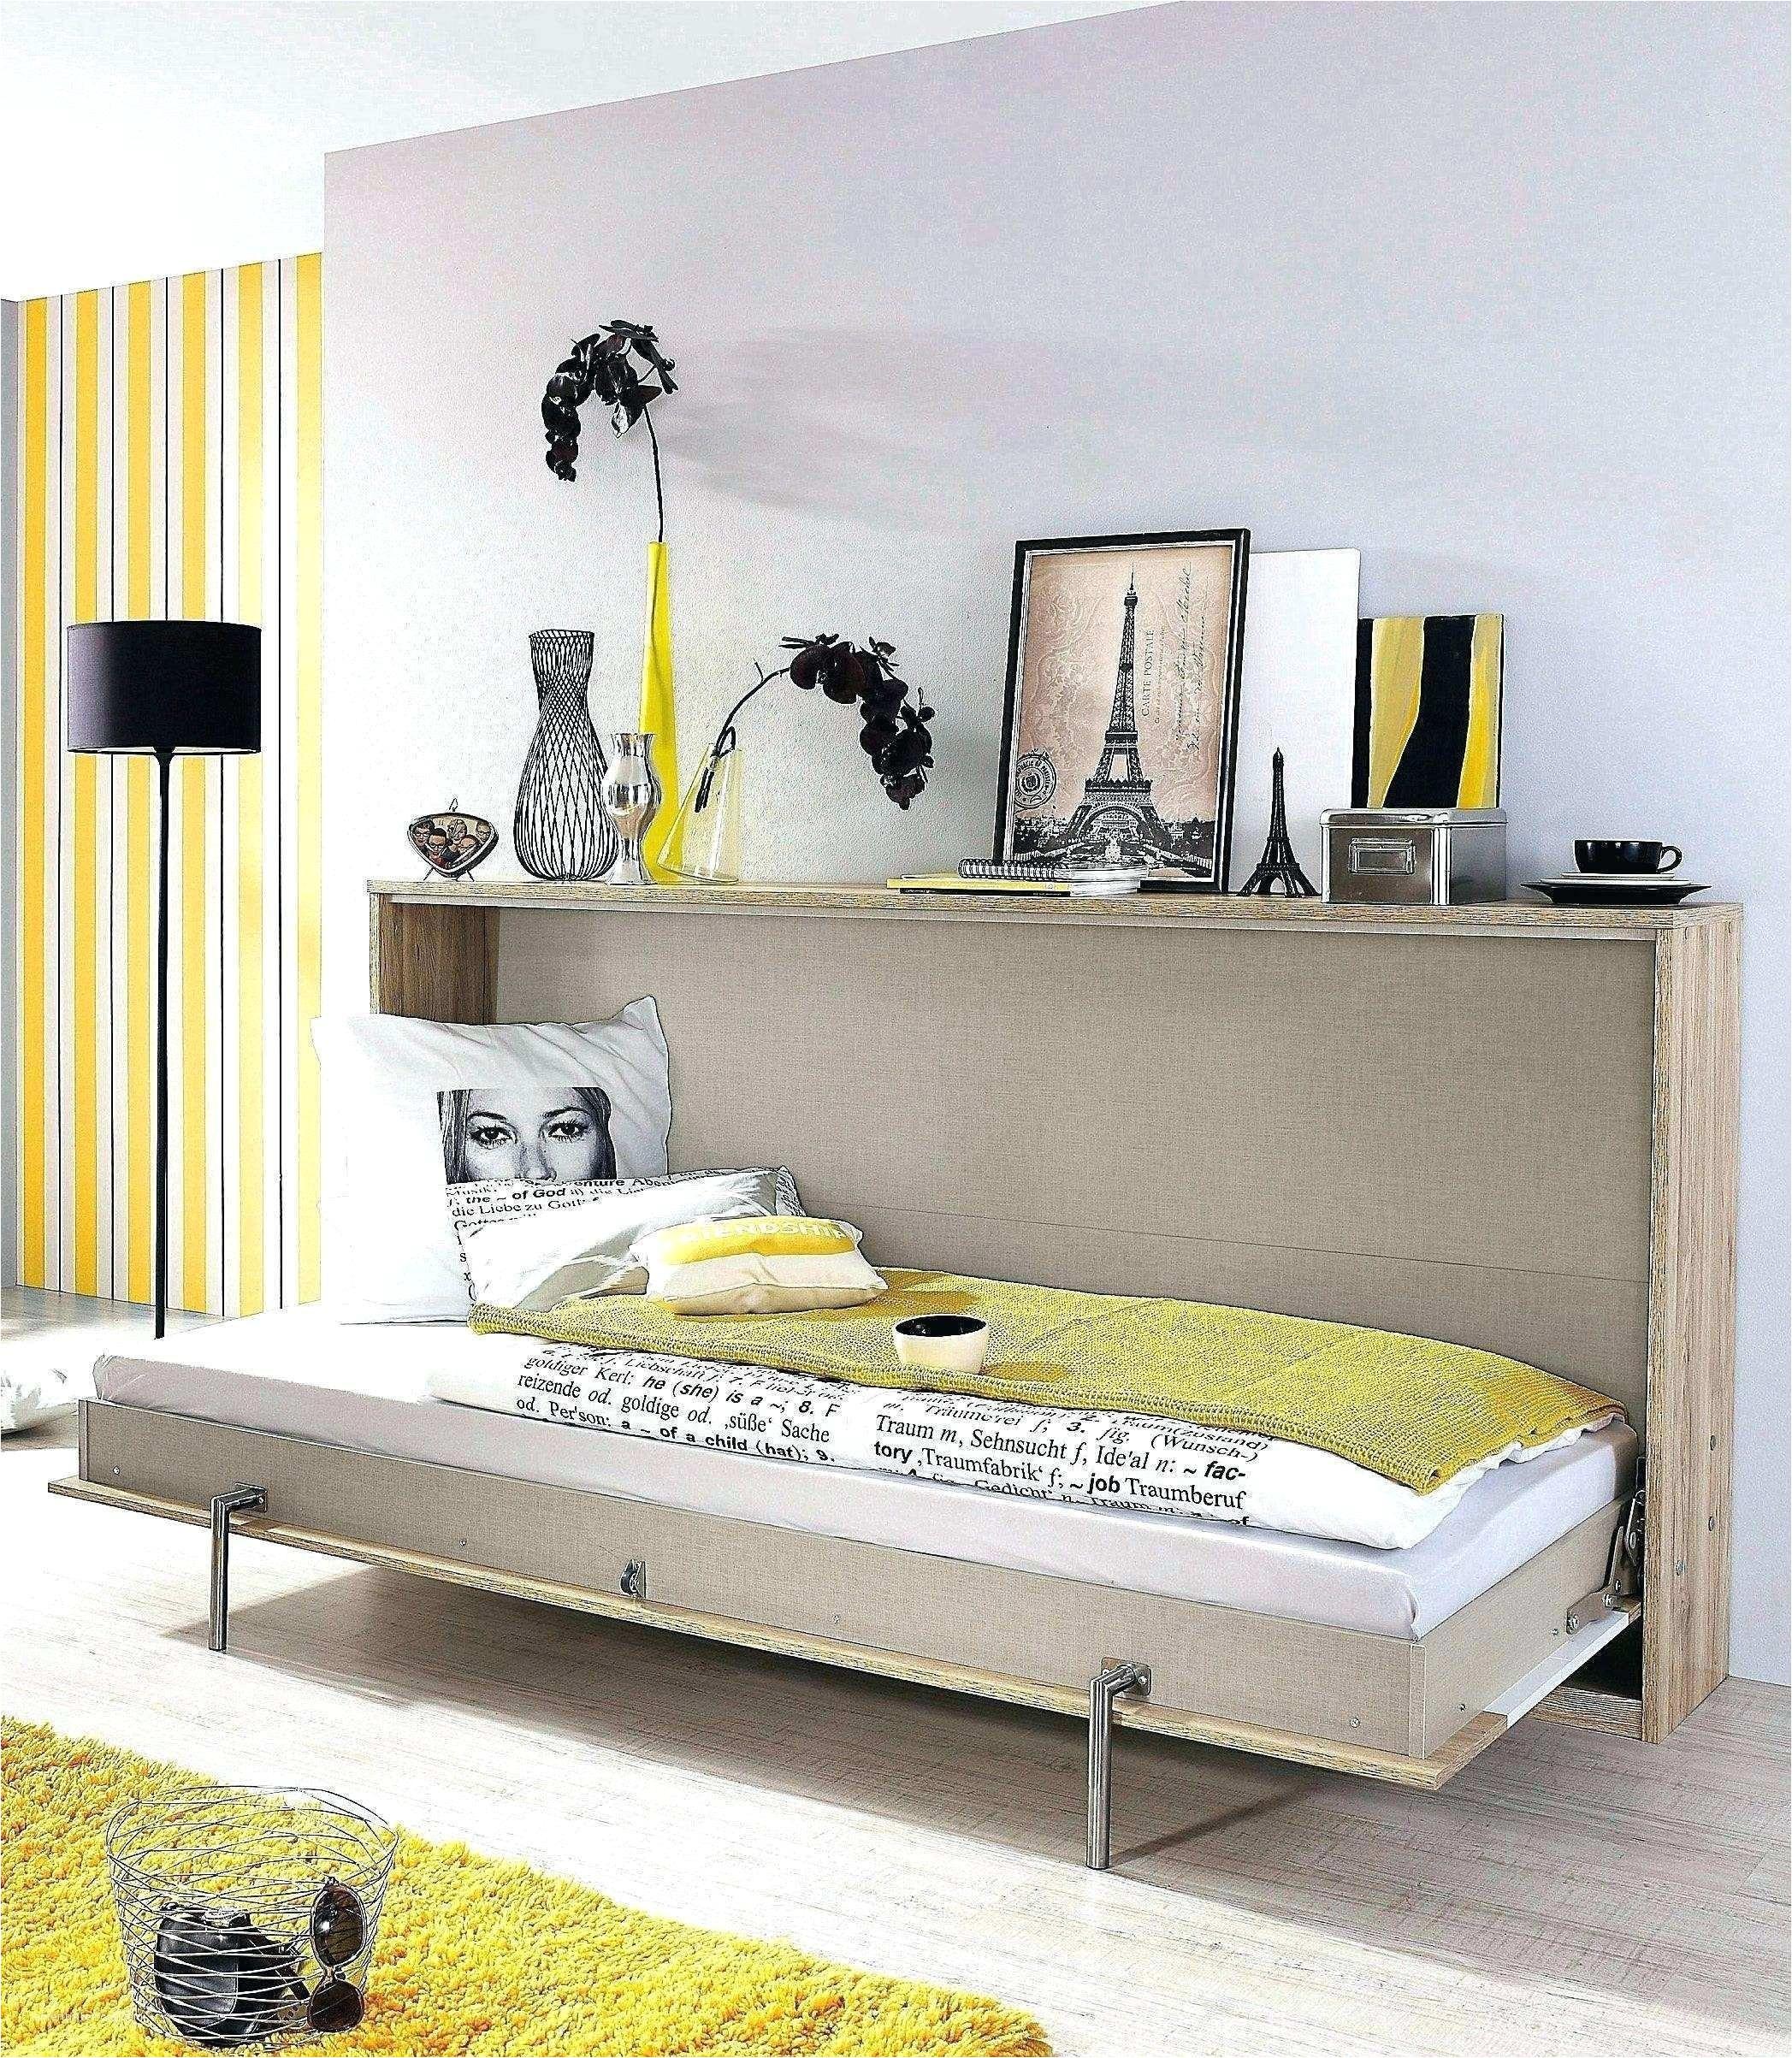 klapbed ikea fresh bett 90 190 ikea luxus futon slipcover ikea elegant bett 90